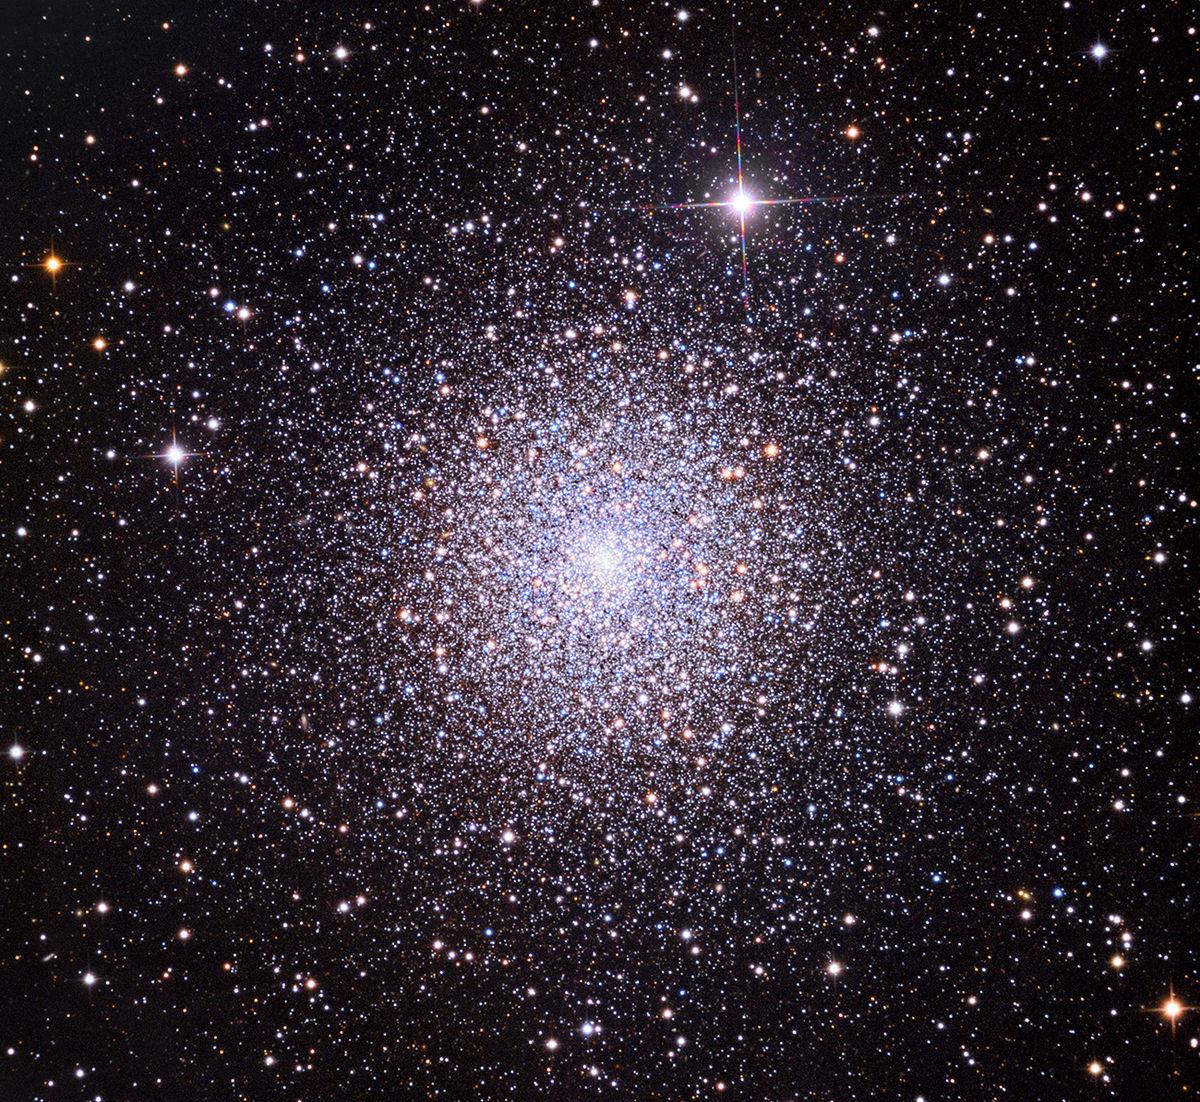 Aufnahme des Kugelsternhaufens Messier 15 mithilfe des 81-cm-Spiegelteleskops des Mount-Lemmon-Observatoriums bei einer Belichtungszeit von 2 Stunden je Farbkomponente. Die Bildhöhe beträgt etwa 20 Bogenminuten.